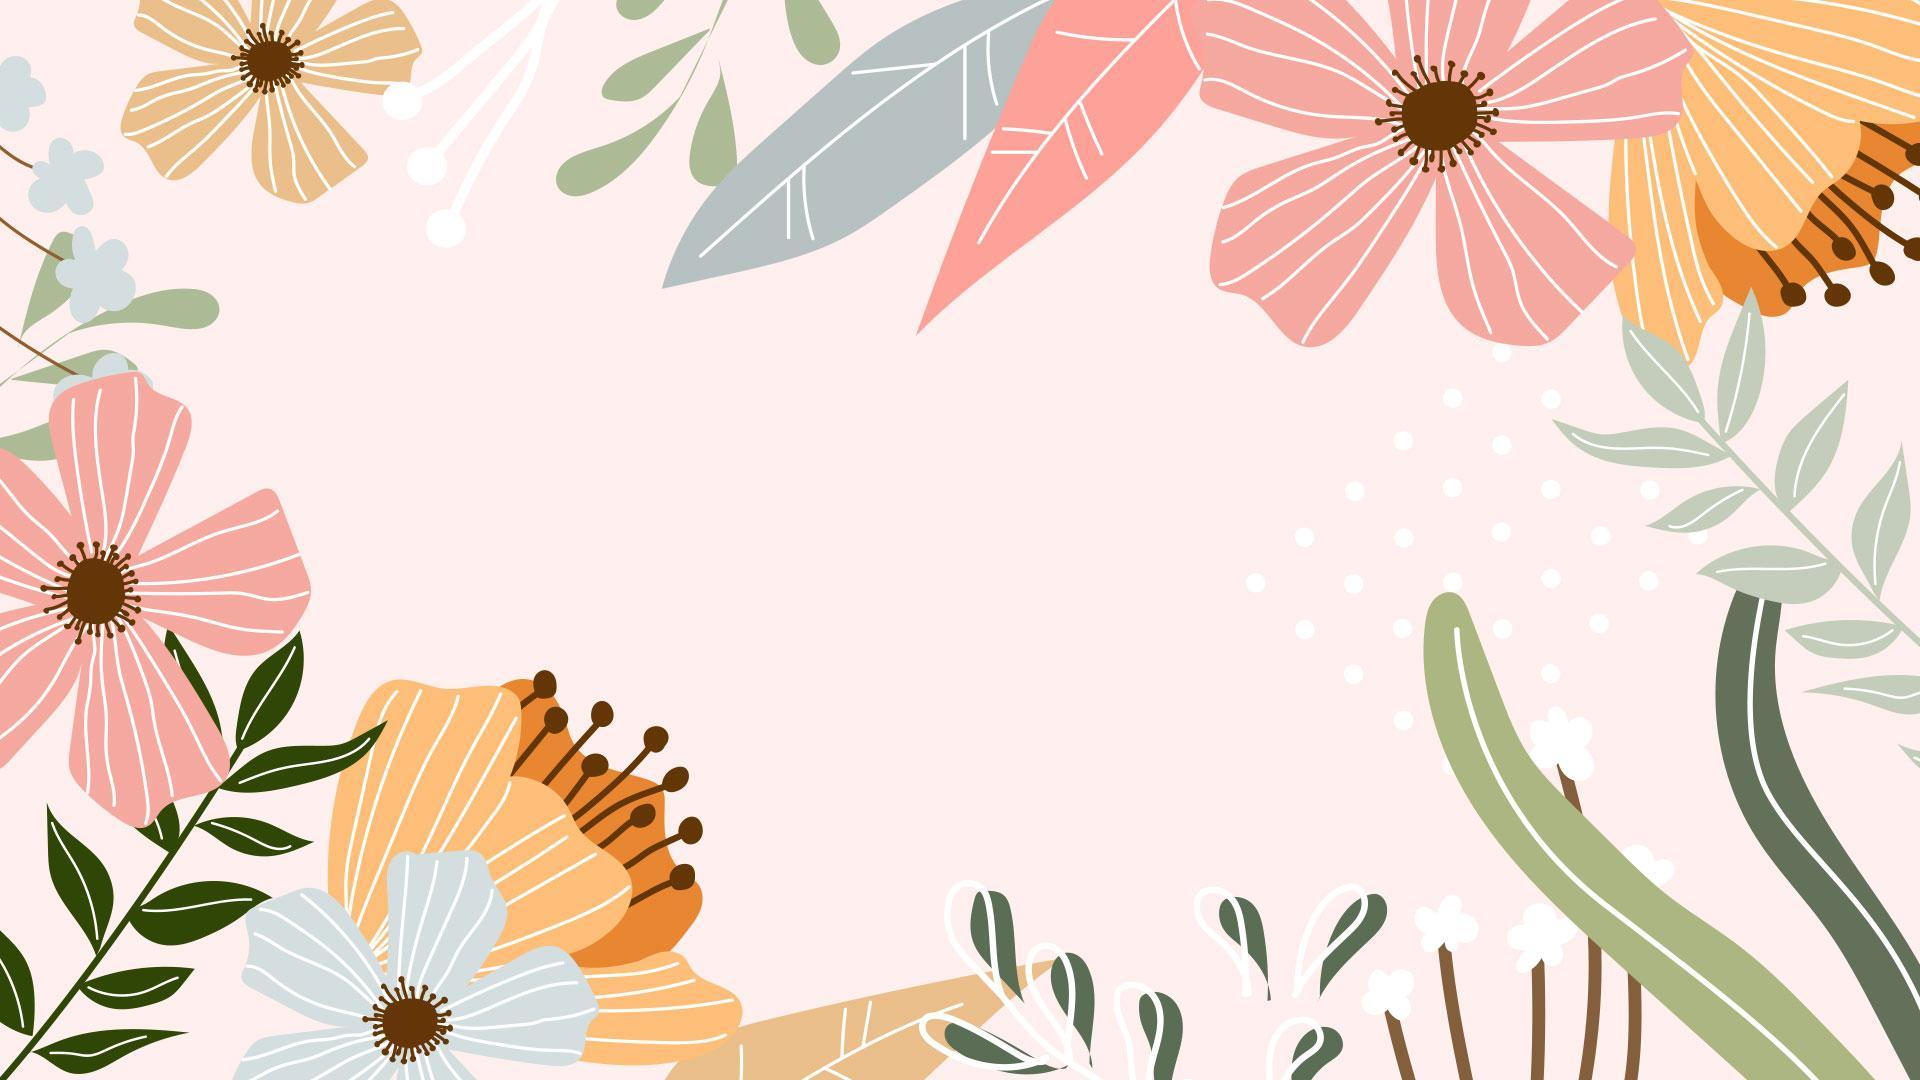 Hintergrundbild für den Desktop mit Blumen